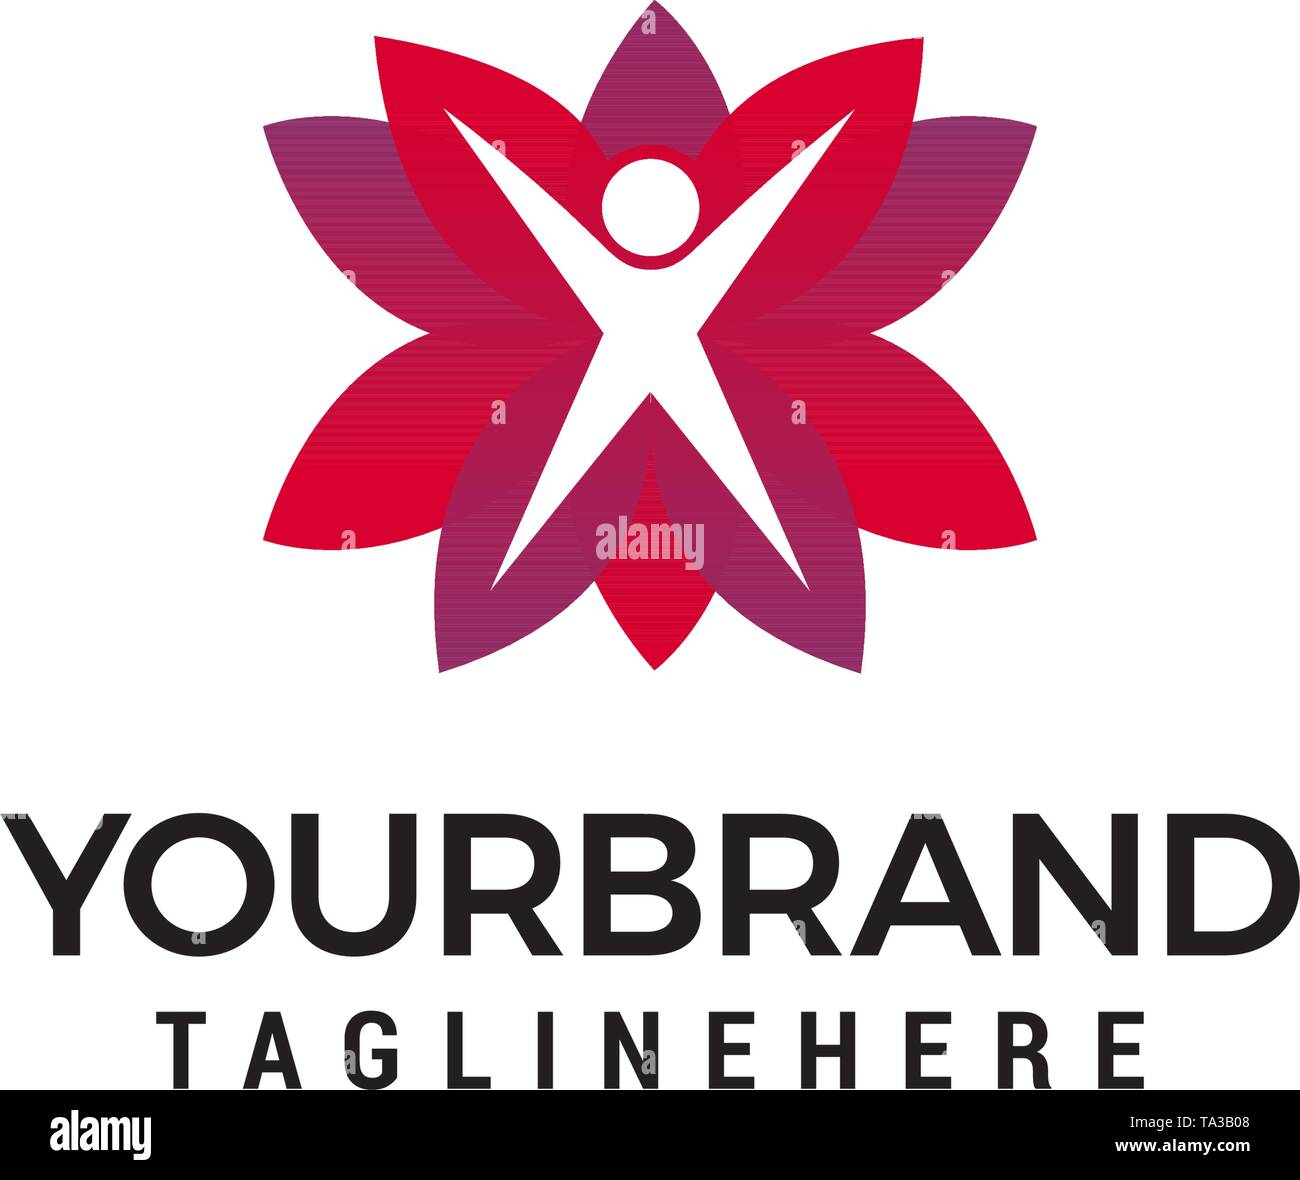 healthy life logo design concept template vector - Stock Image